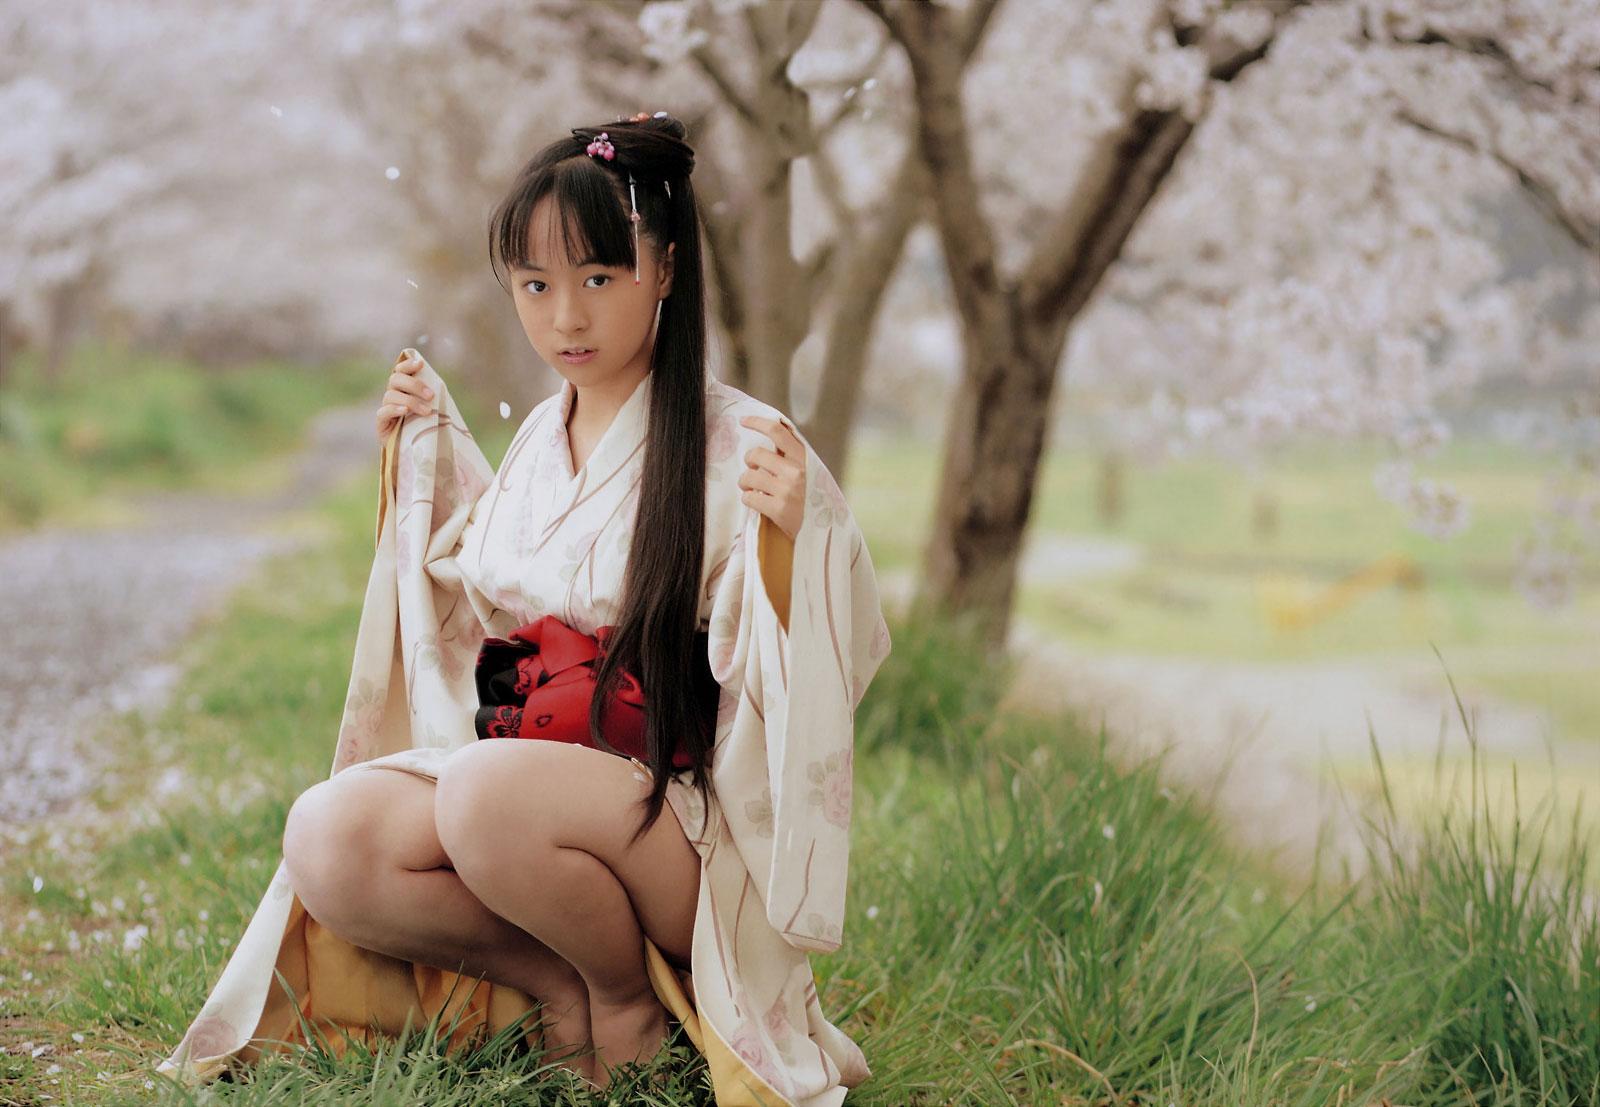 着物や浴衣を着た和服美人なお姉さんのエロ画像 13